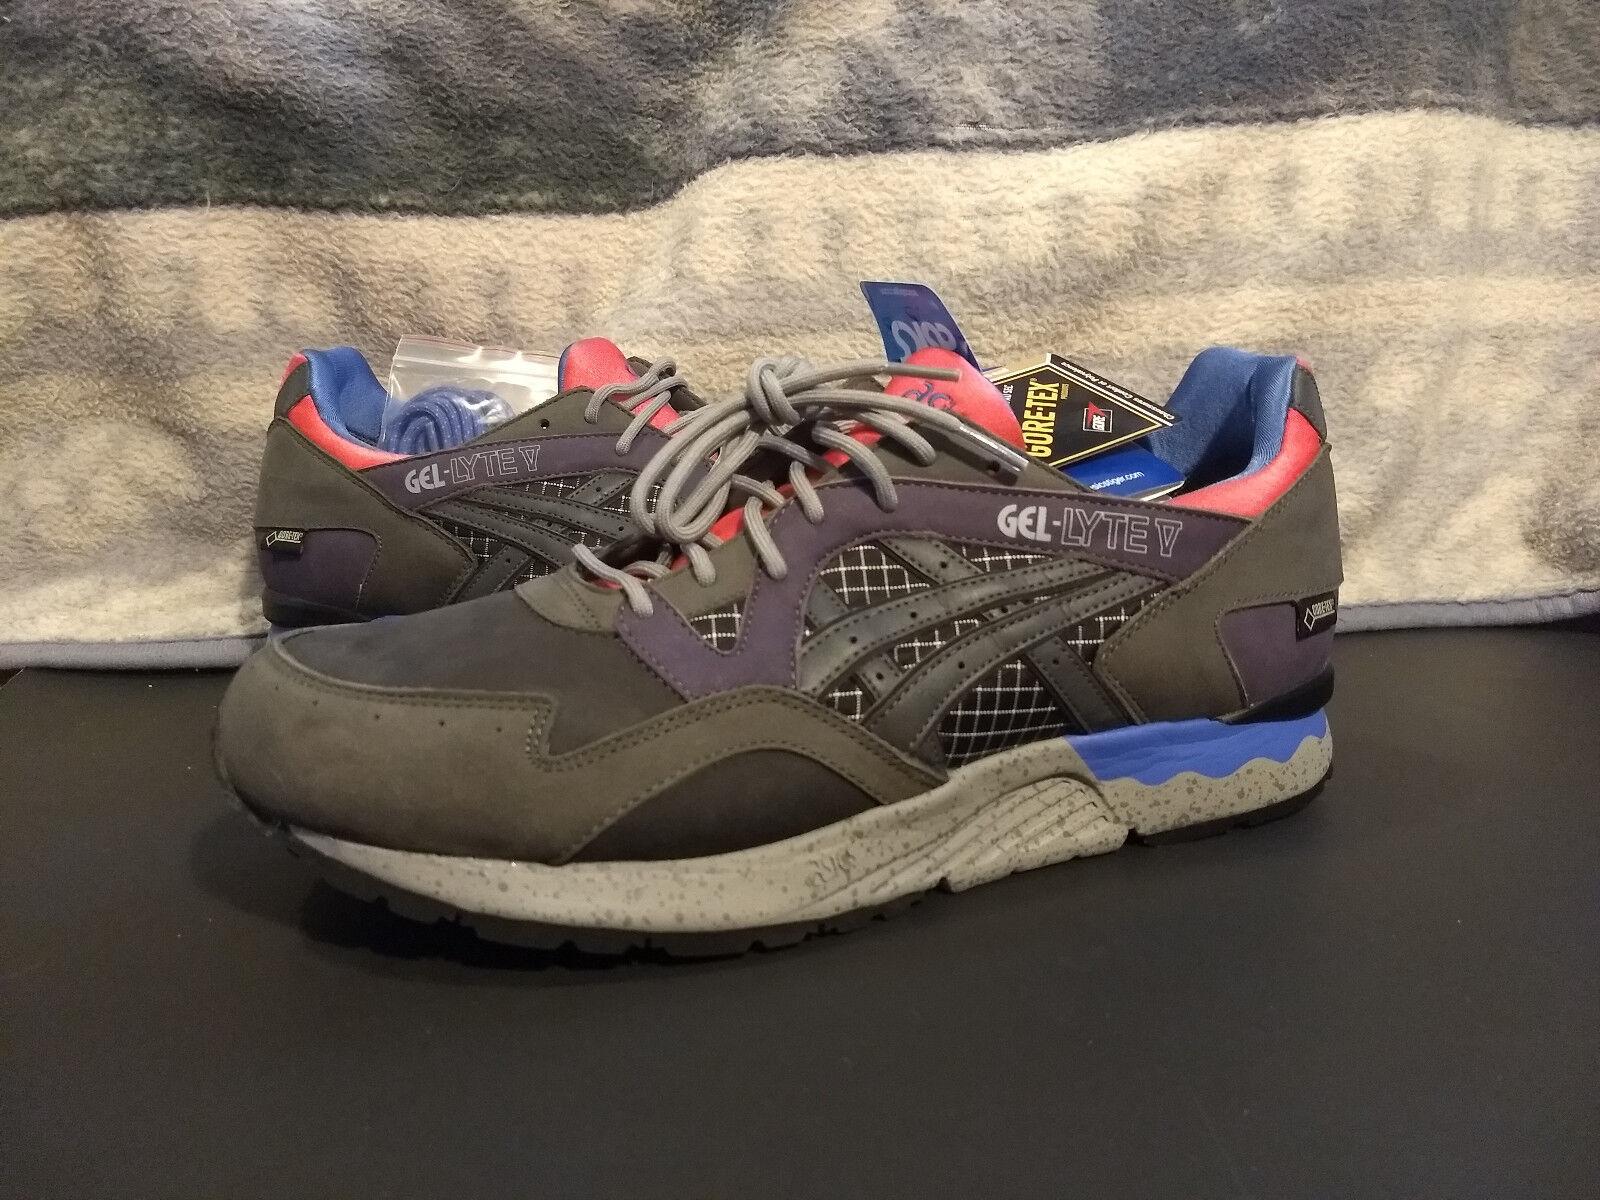 Packer scarpe x asic gel-lyte v 5 12,5 gore - tex misura 12,5 5 Uomo 77fb14